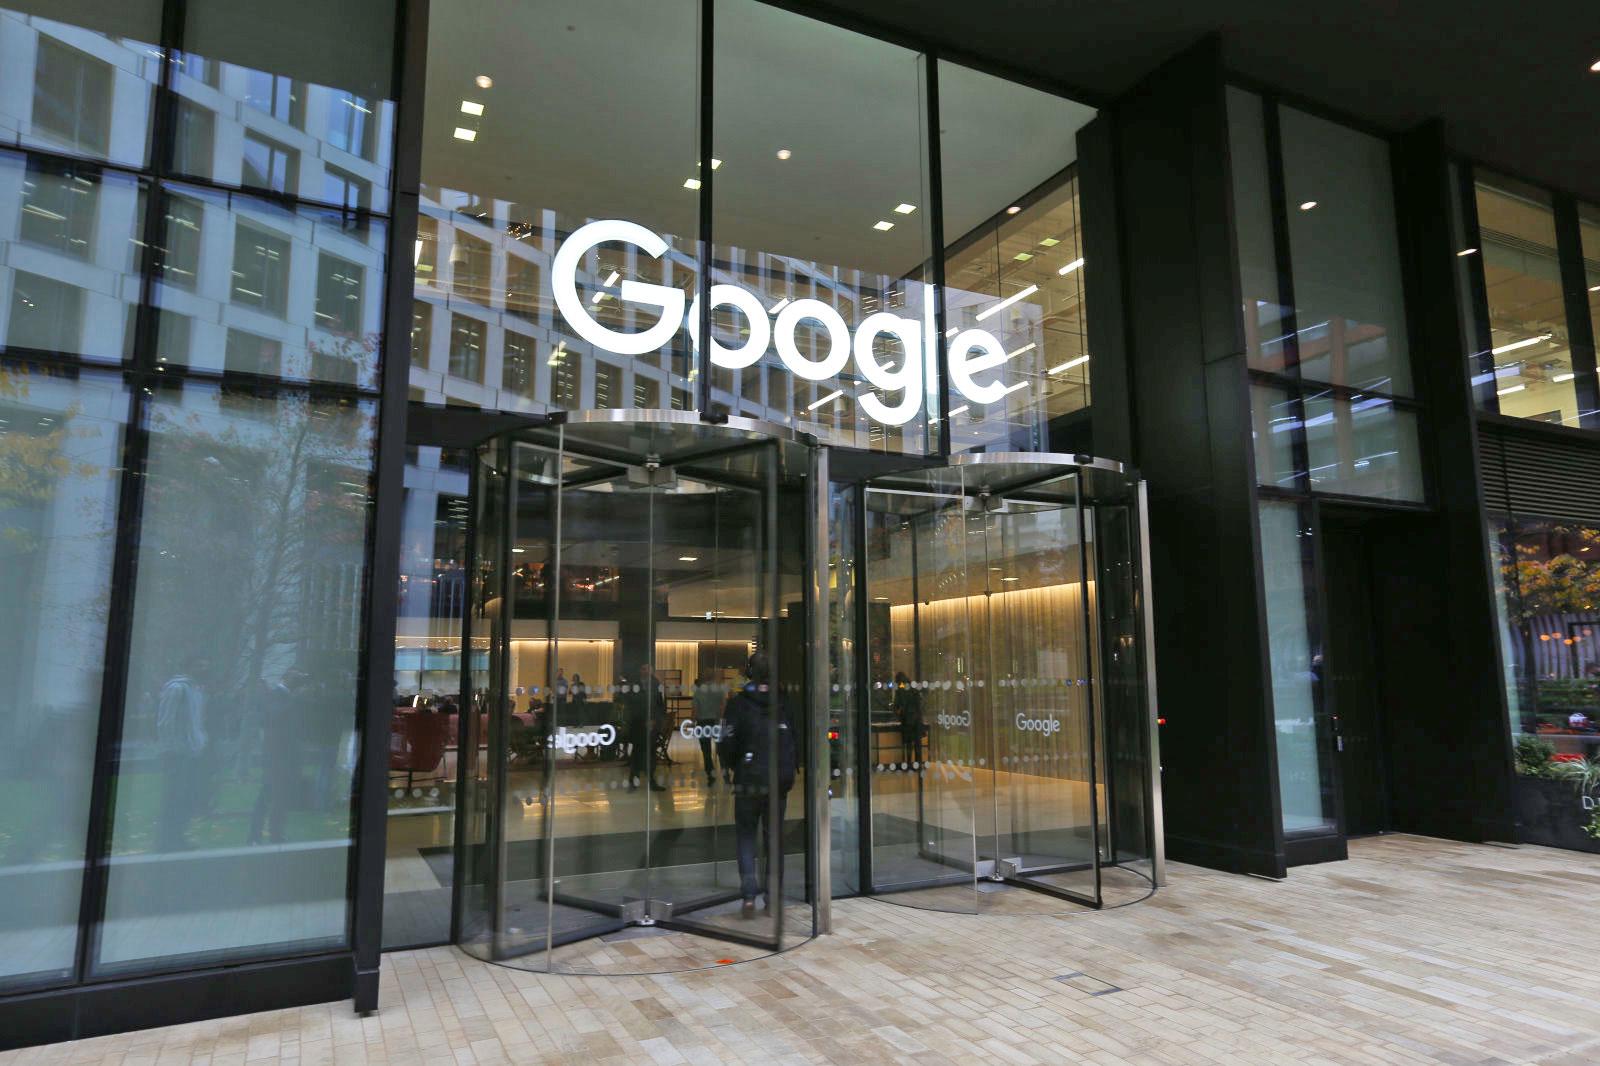 Chrome comenzará a silenciar la publicidad ruidosa a partir del 15 de frebrero